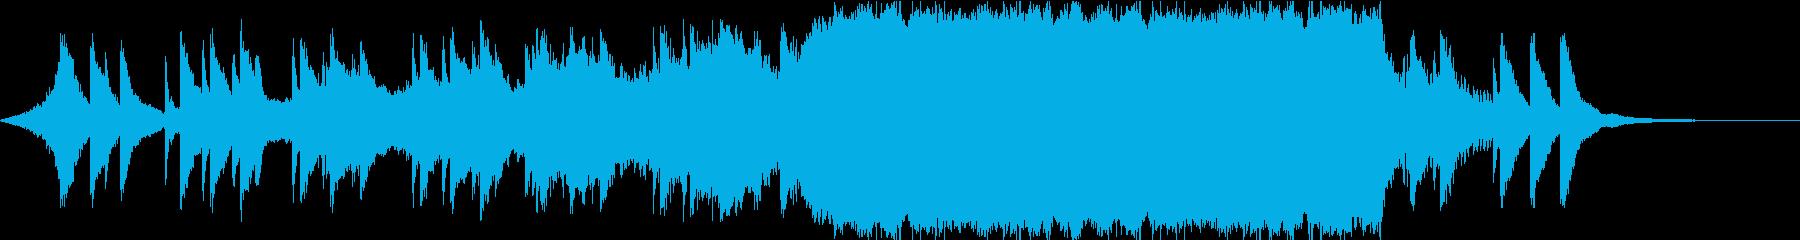 映画音楽/オーケストラ/壮大/ゆっくりの再生済みの波形